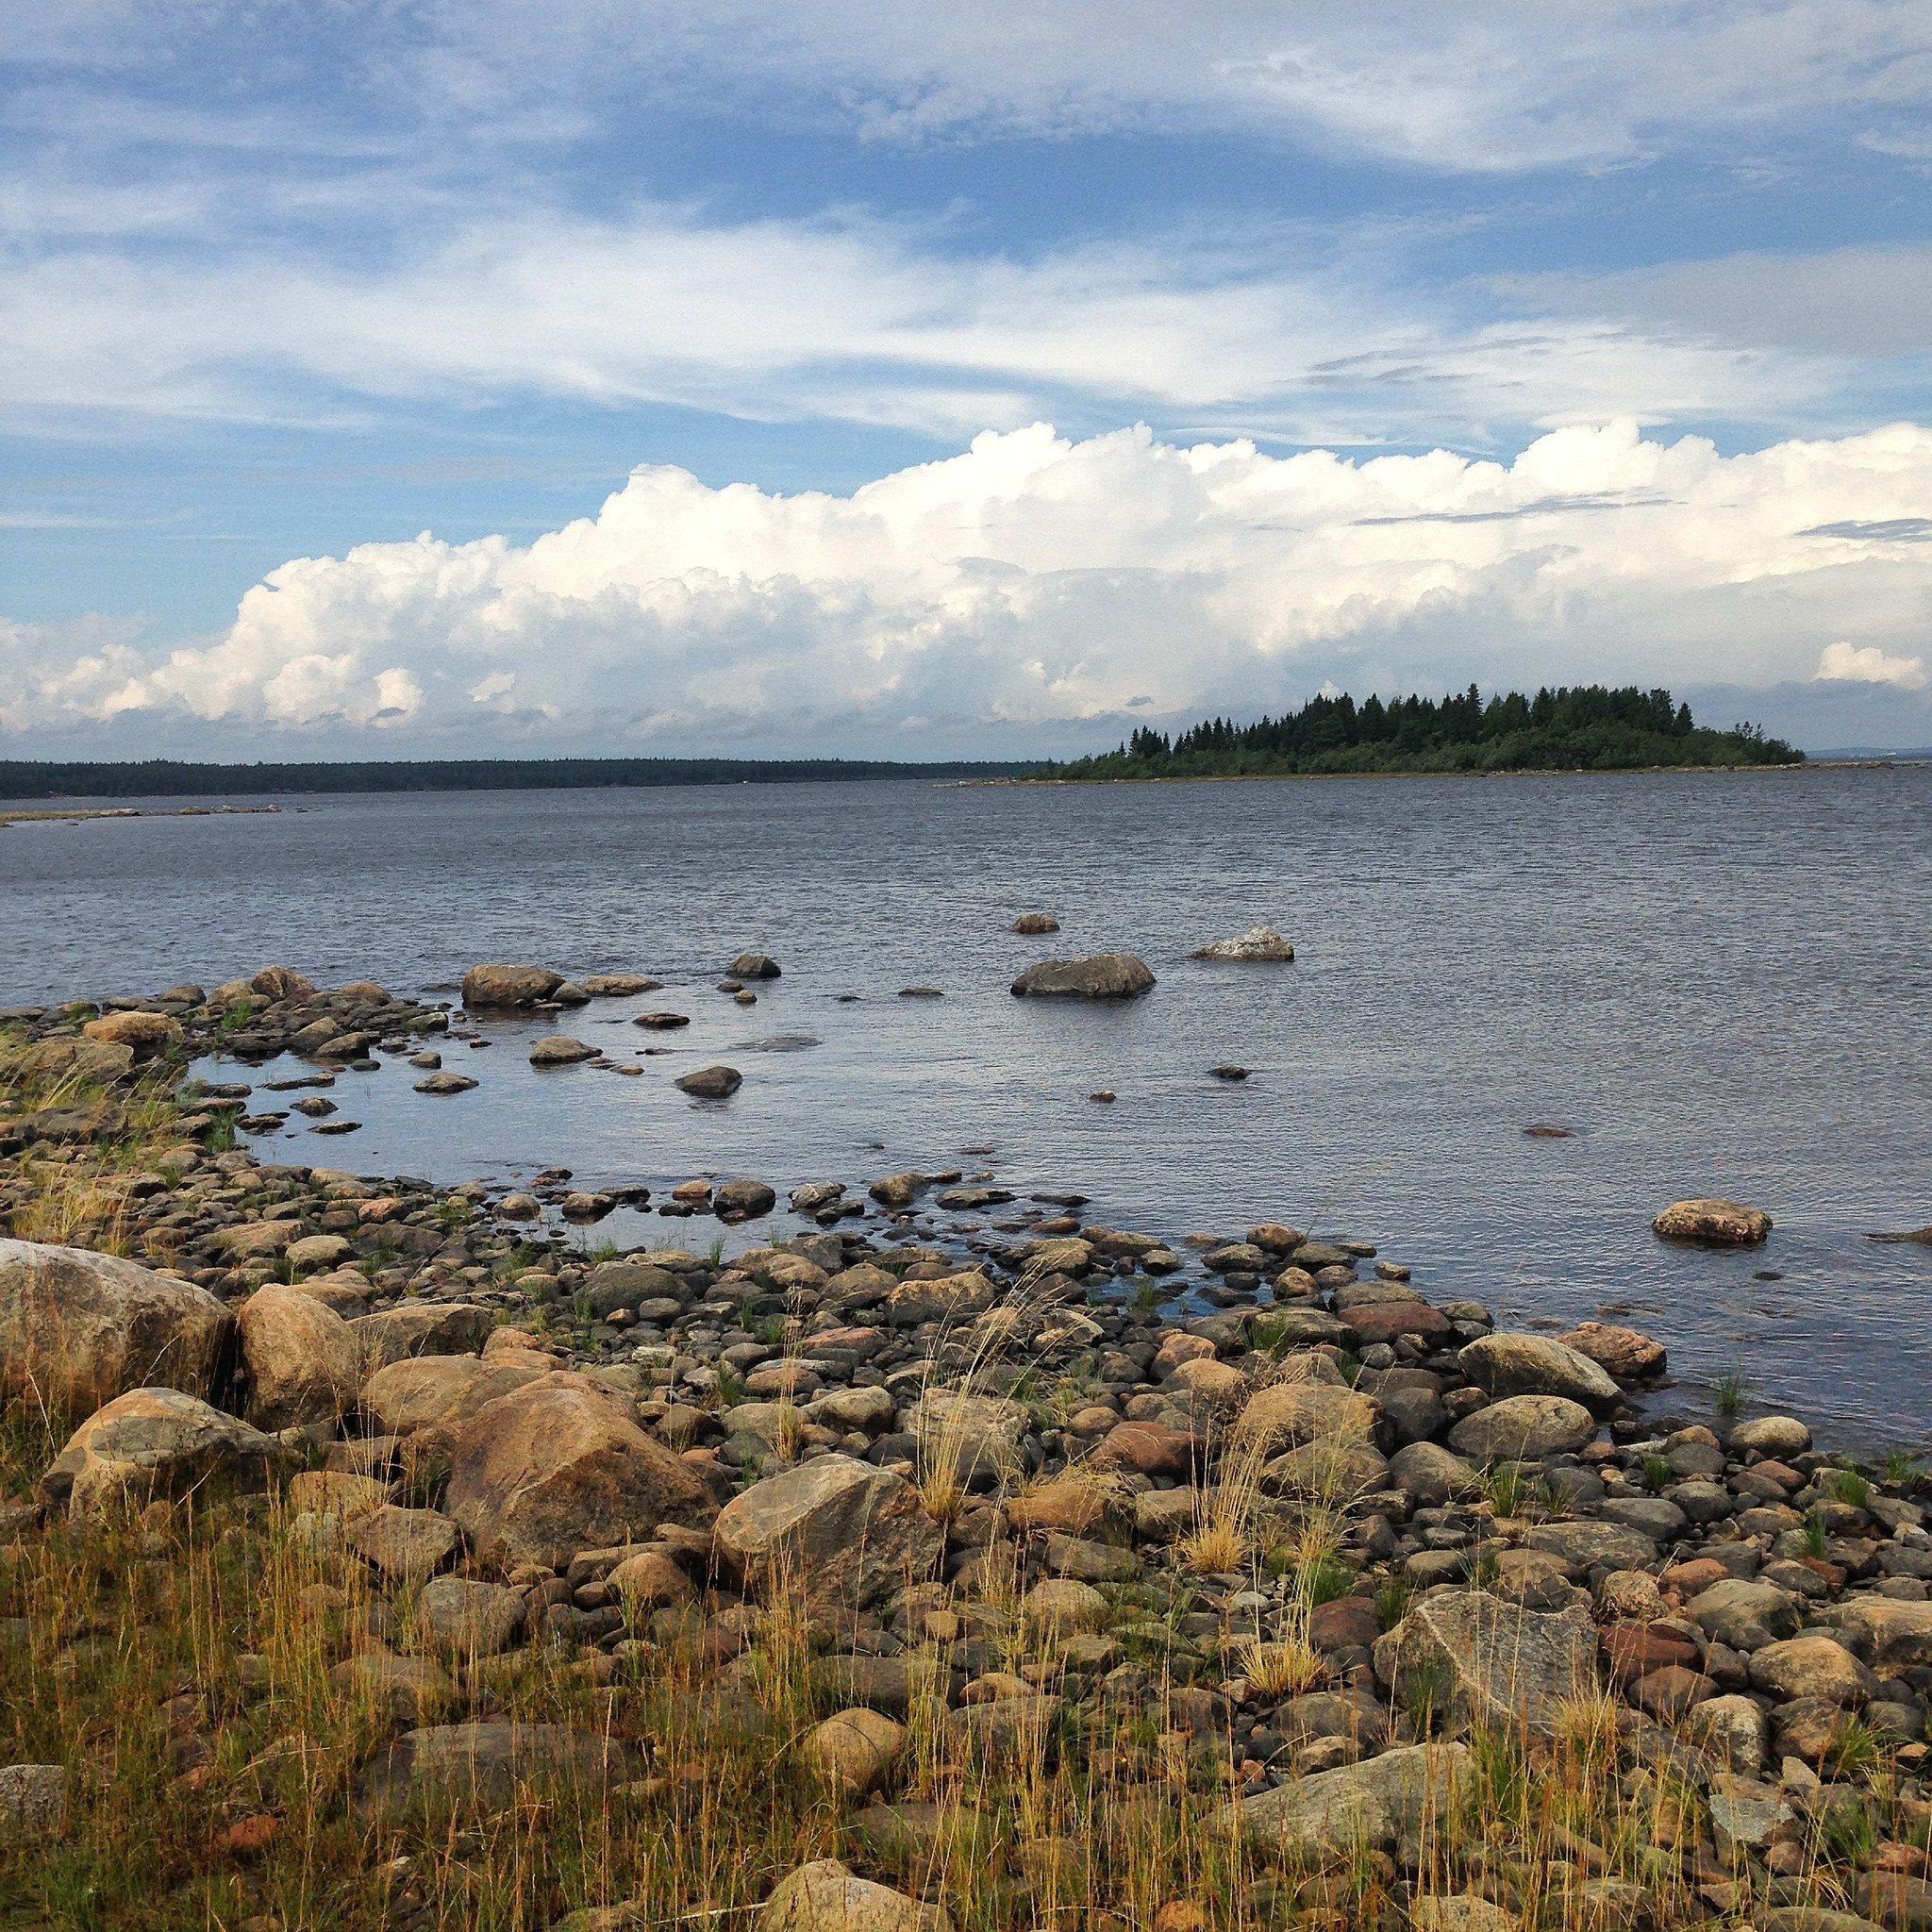 El mar báltico desde una reserva natural de laponia sueca